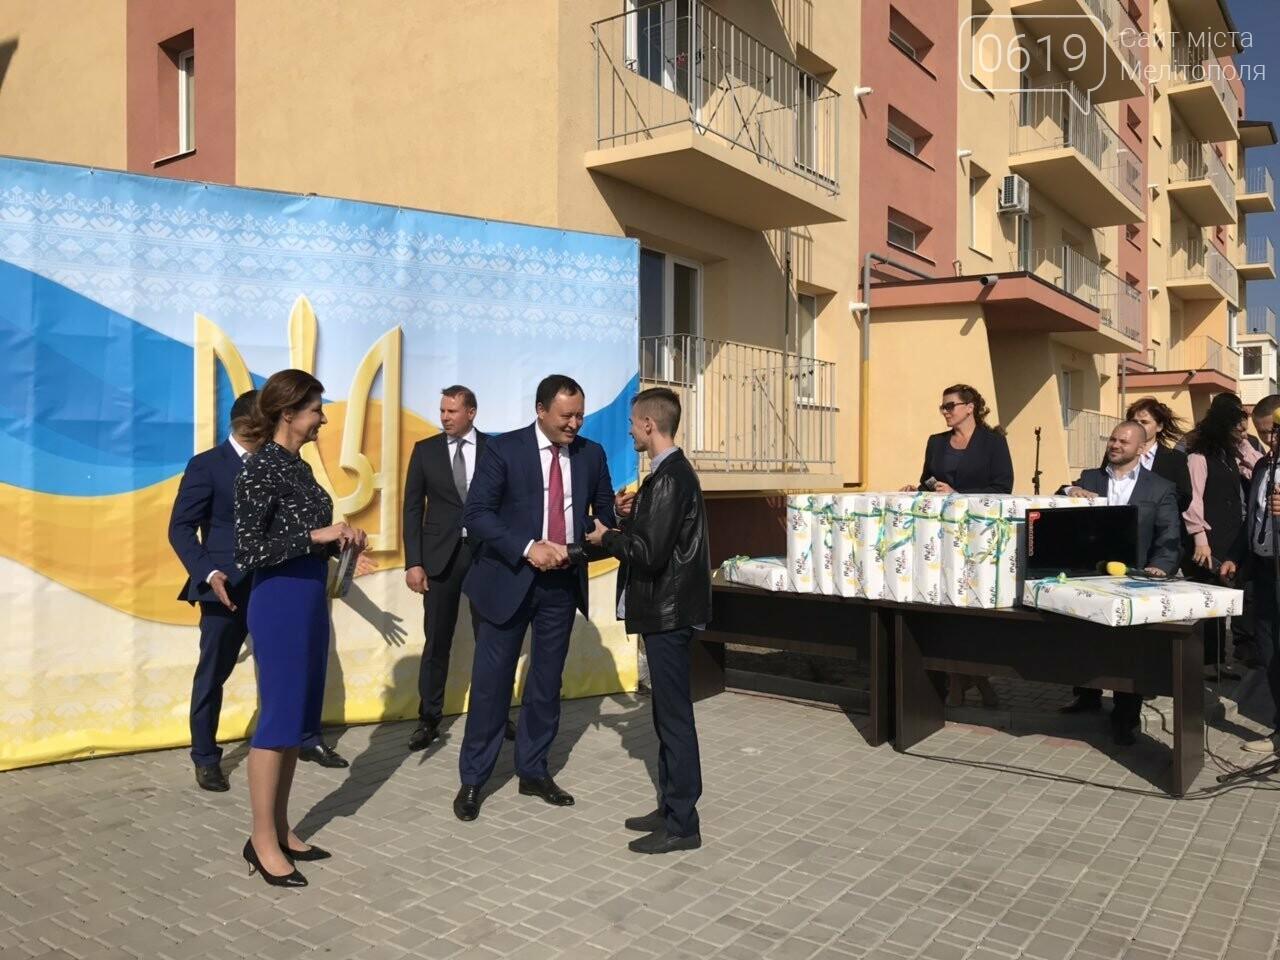 Супруга Президента вручила мелитопольским сиротам ключи от квартир , фото-7, Фото сайта 0619